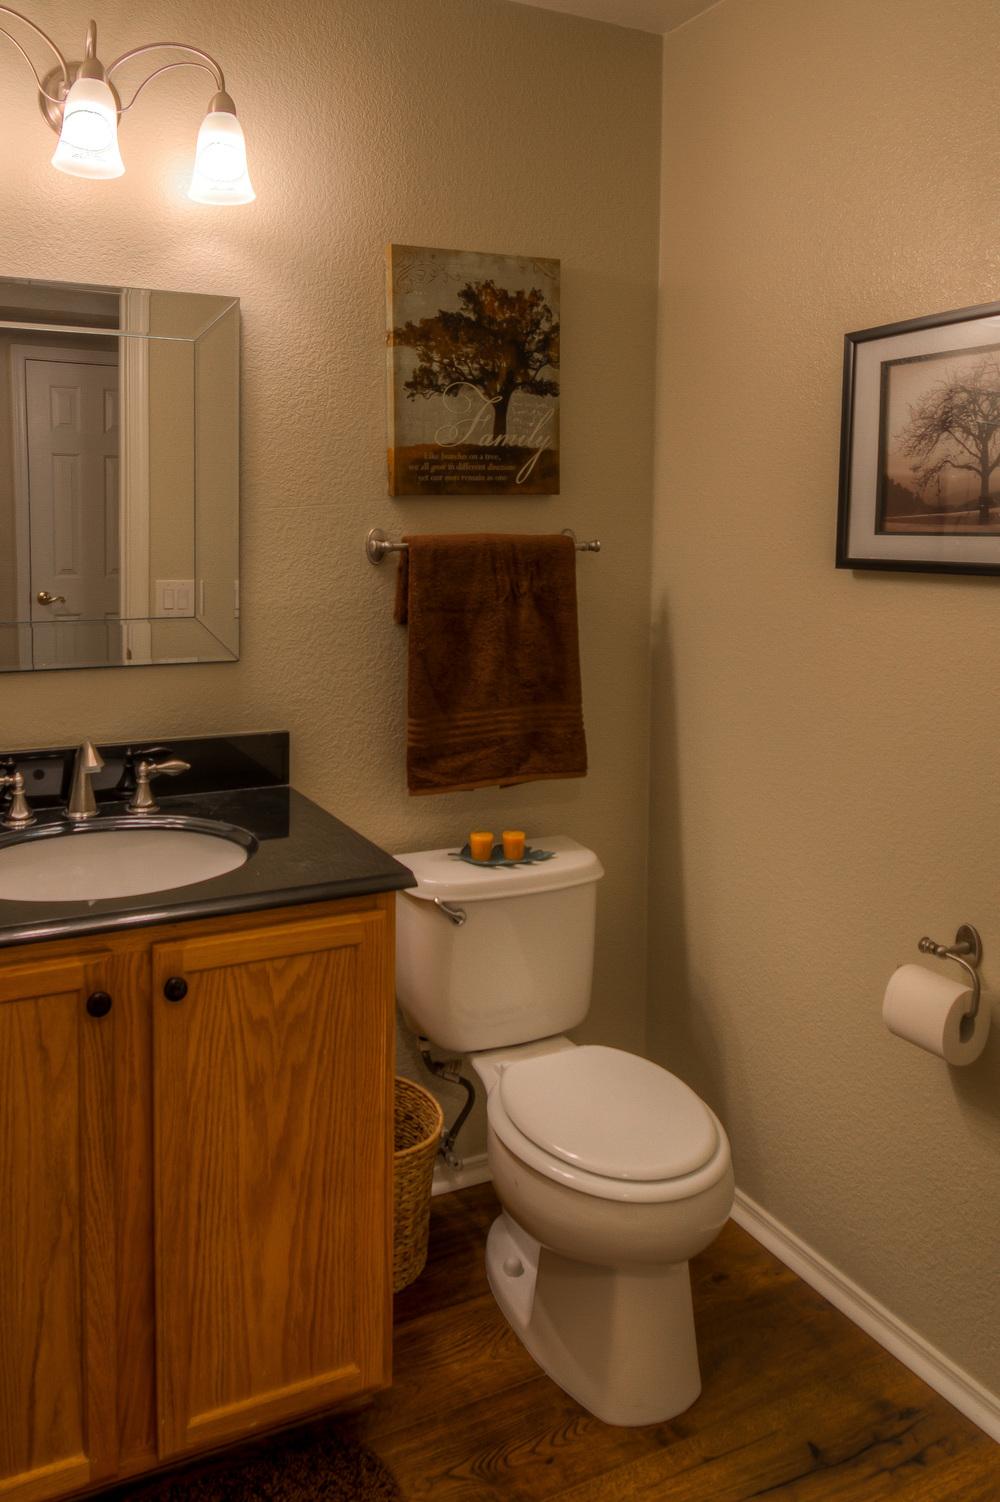 10 Downstairs Bathroom photo a.jpg